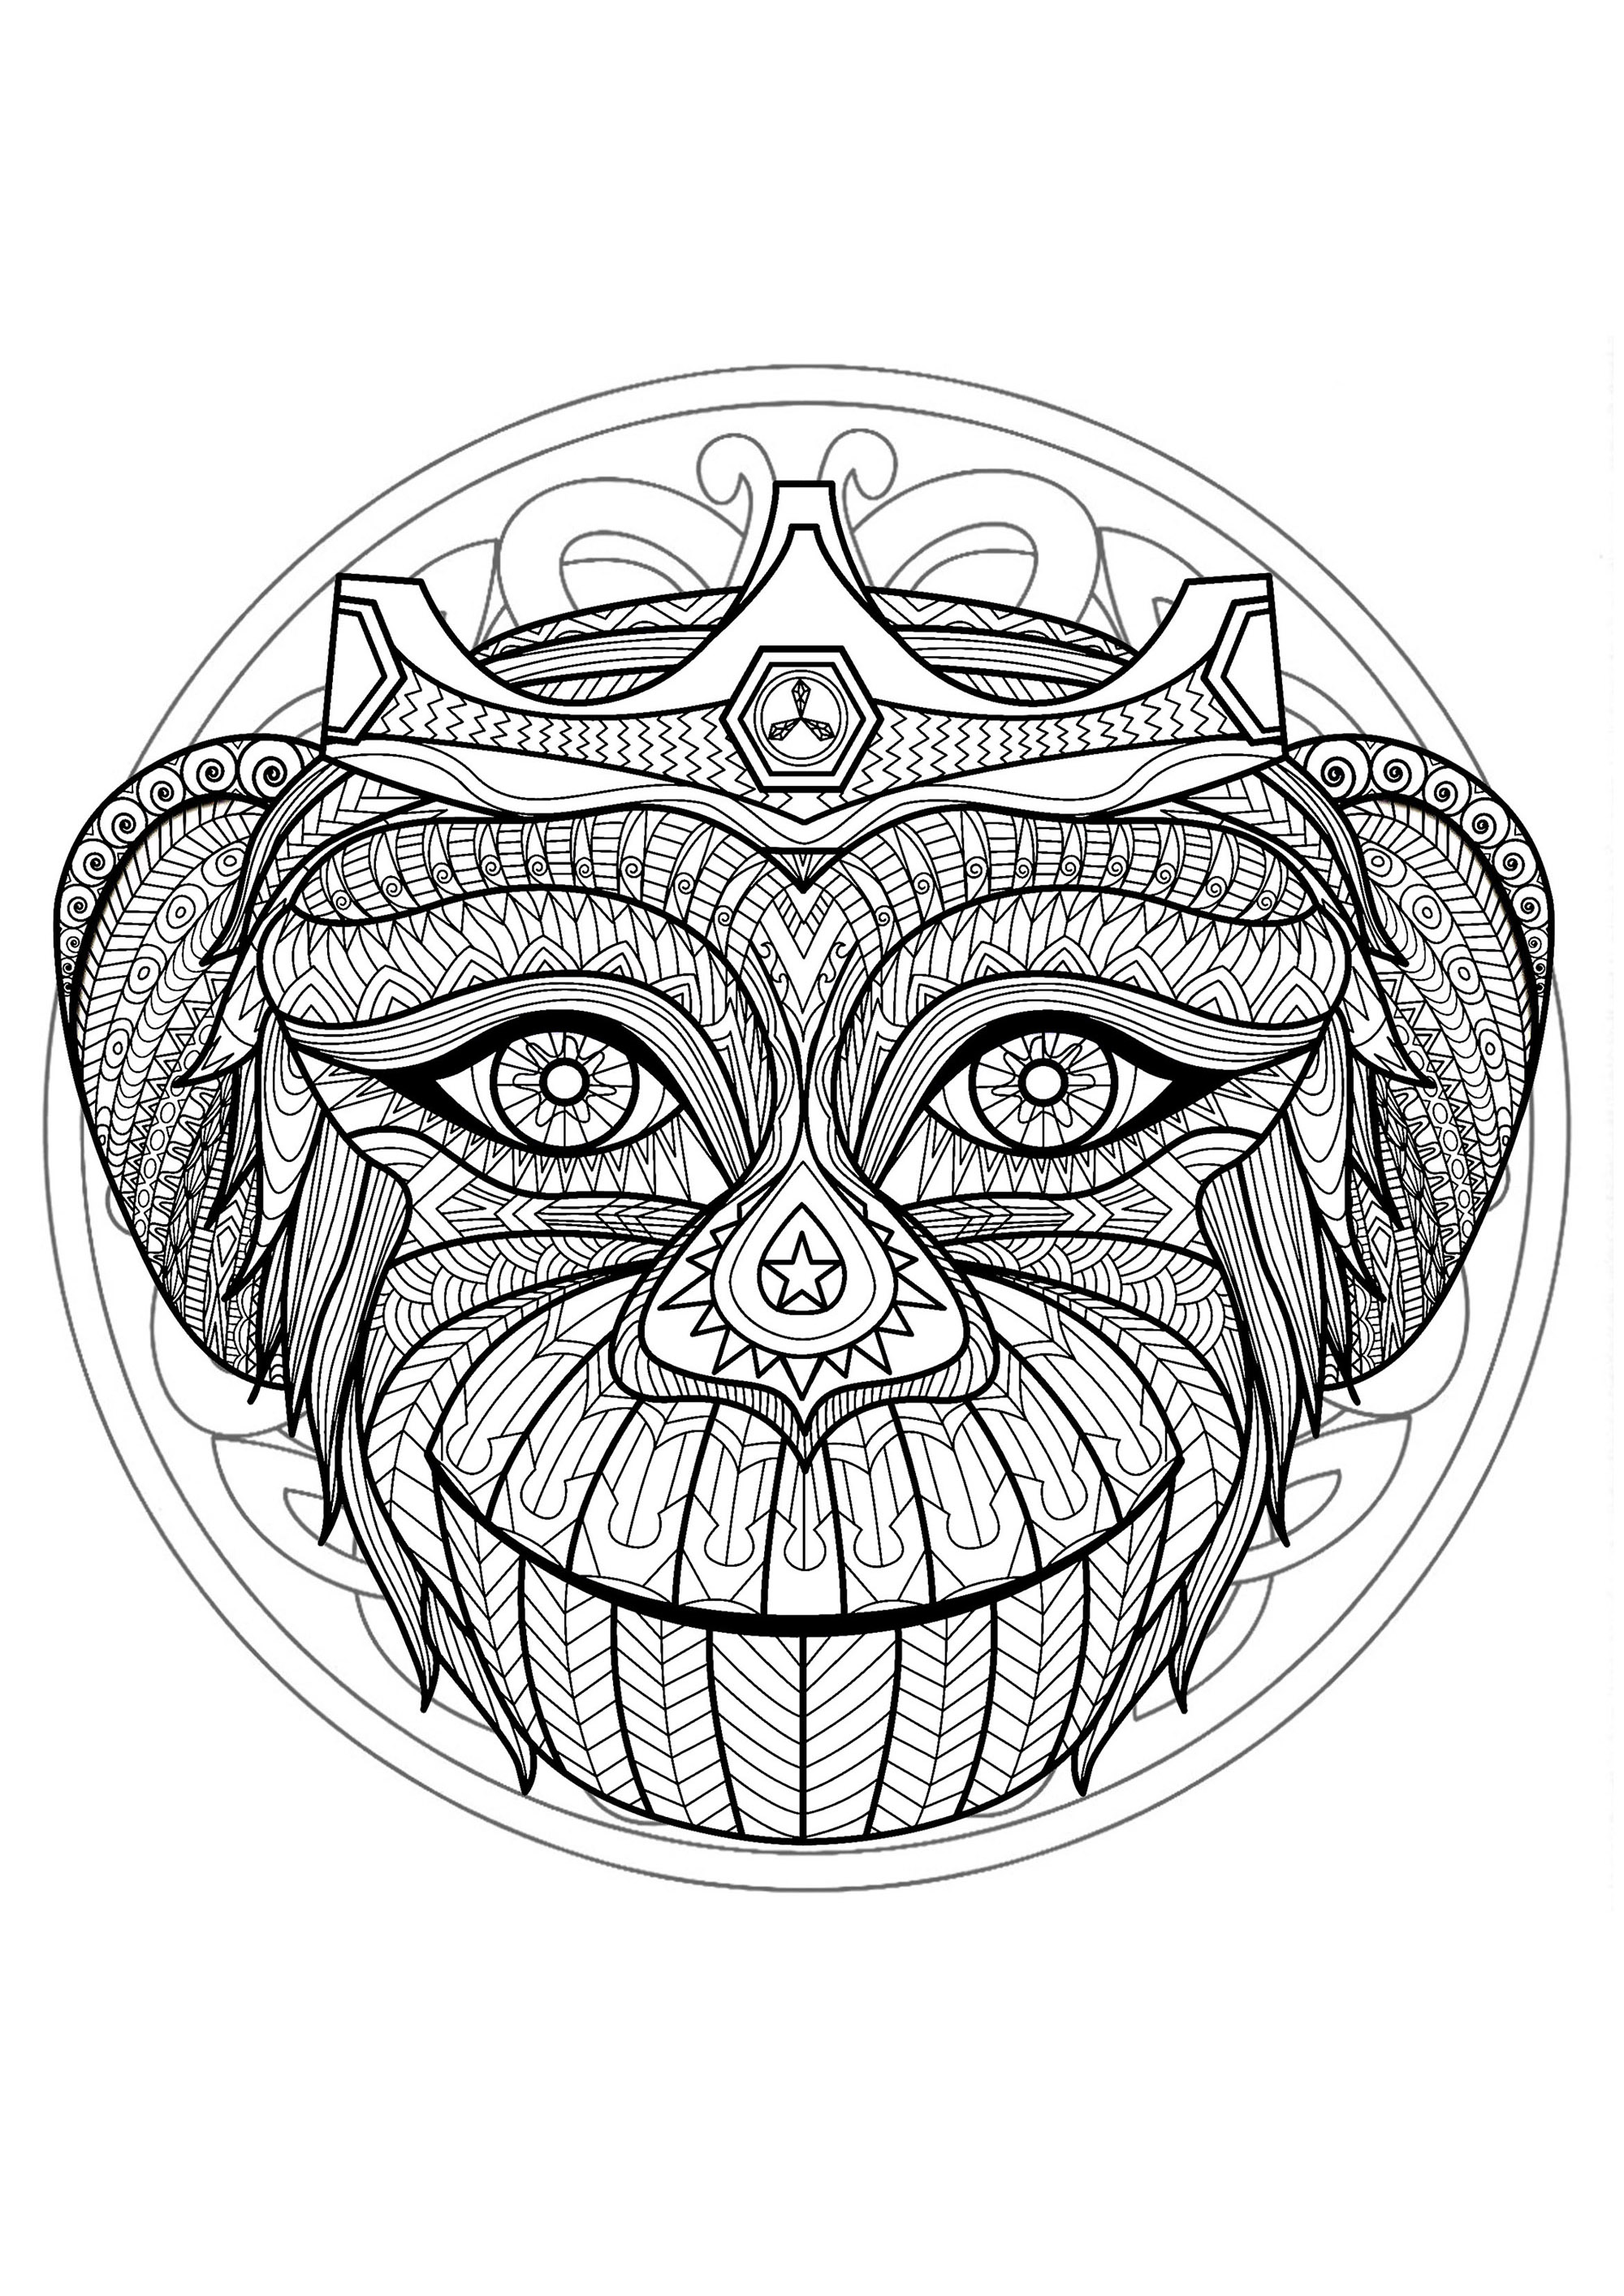 Mandala tete singe 1 mandalas coloriages difficiles pour adultes - Madala a imprimer ...